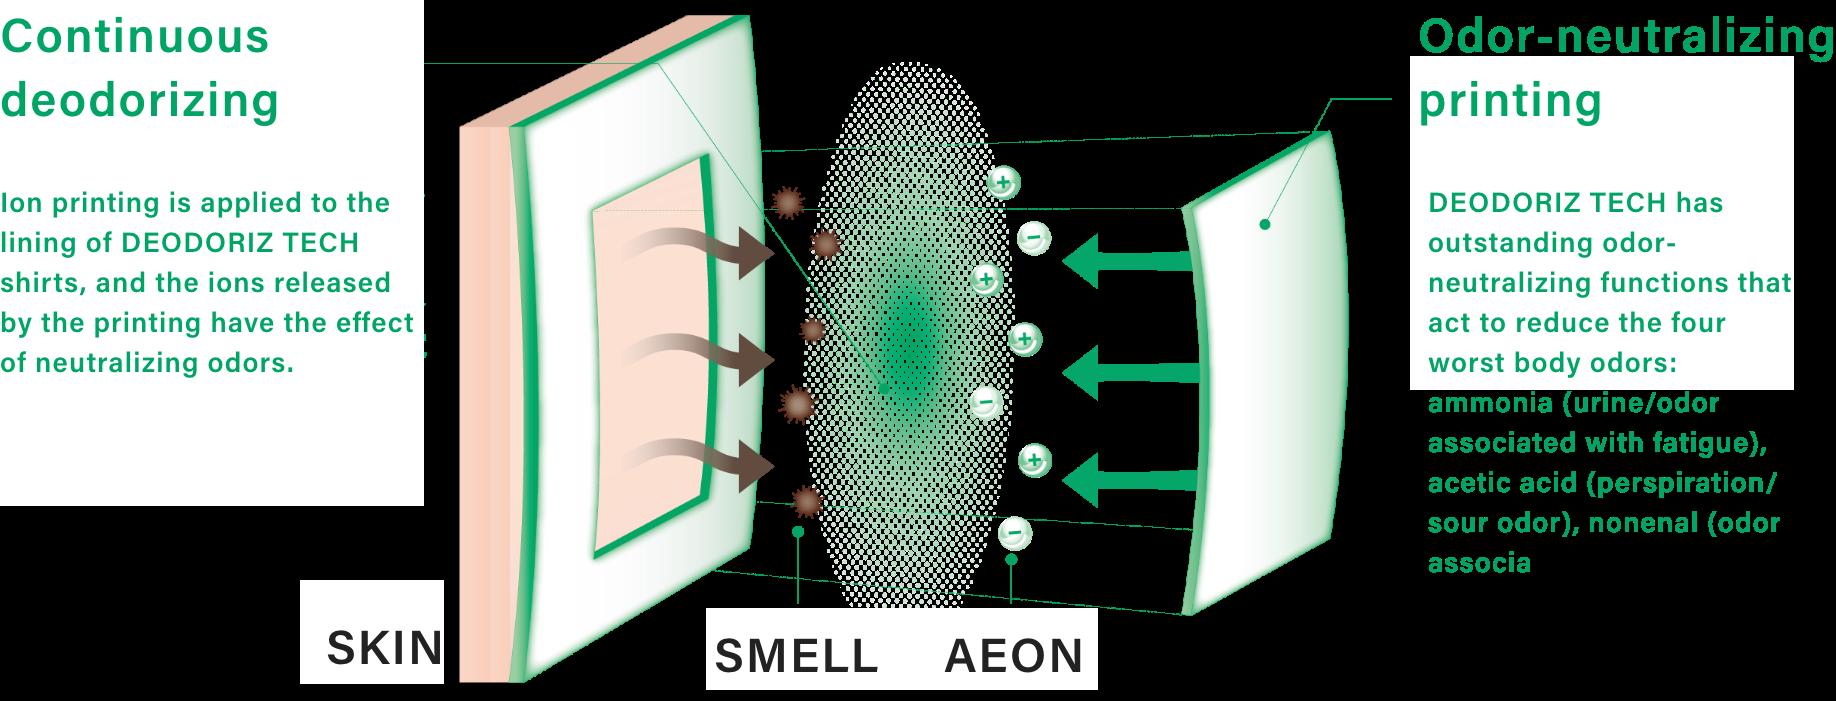 持続消臭と消臭プリントの説明